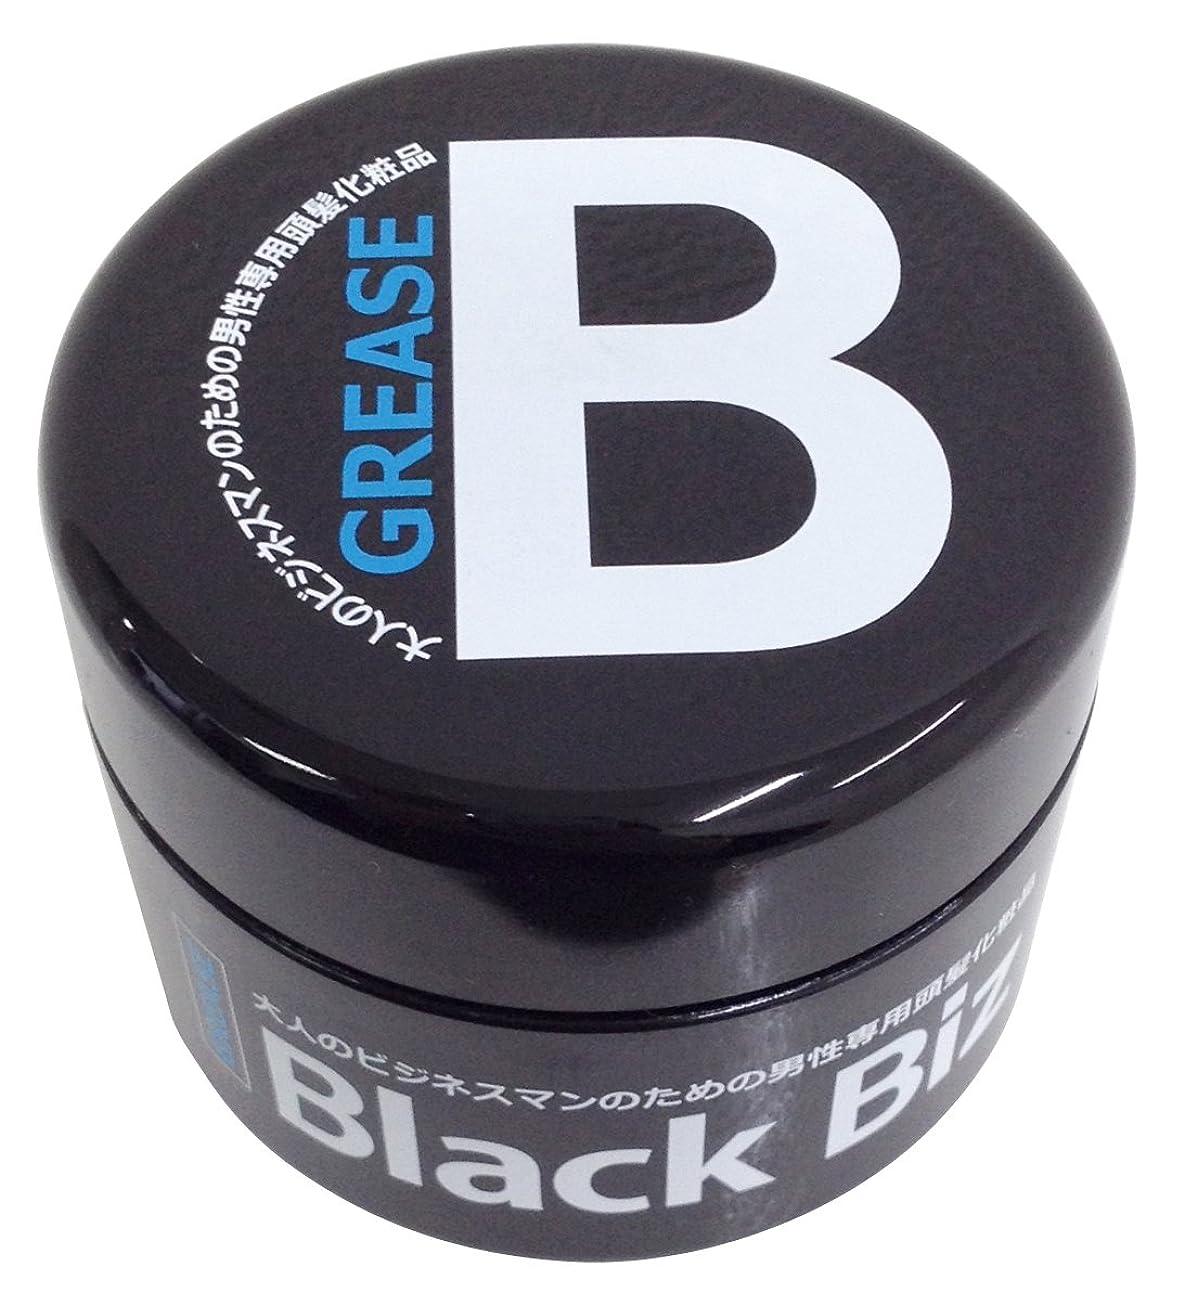 道徳失敗リース大人のビジネスマンのための男性専用頭髪化粧品 BlackBiz GREASE SOFT ブラックビズ グリース ソフト